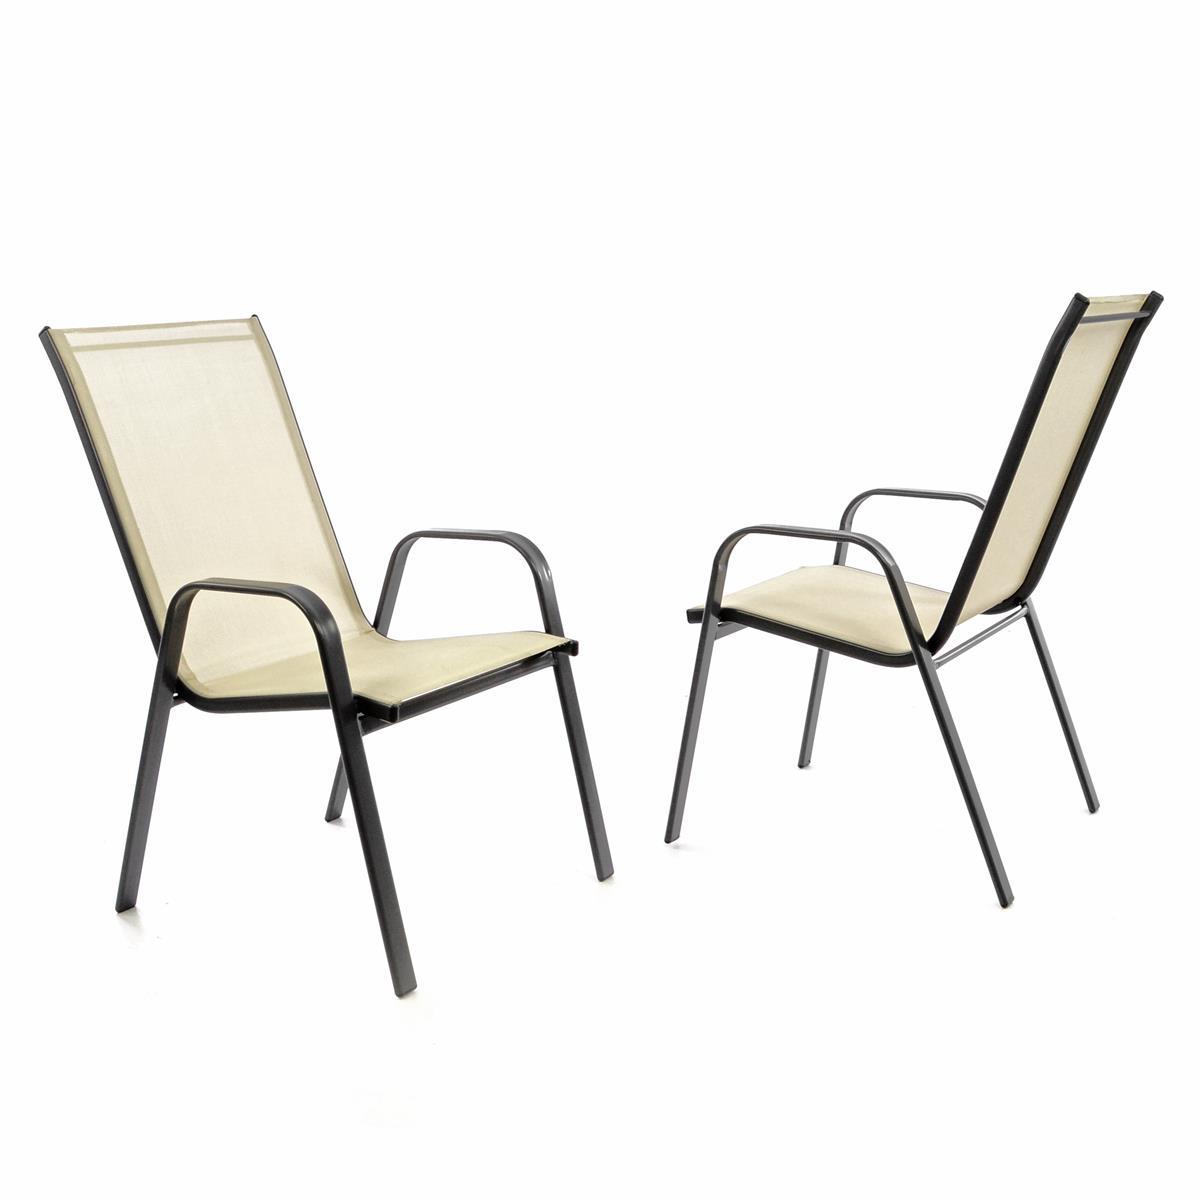 2er Set Gartenstuhl Stapelstuhl Stapelsessel Rahmen dunkelgrau Textilene creme